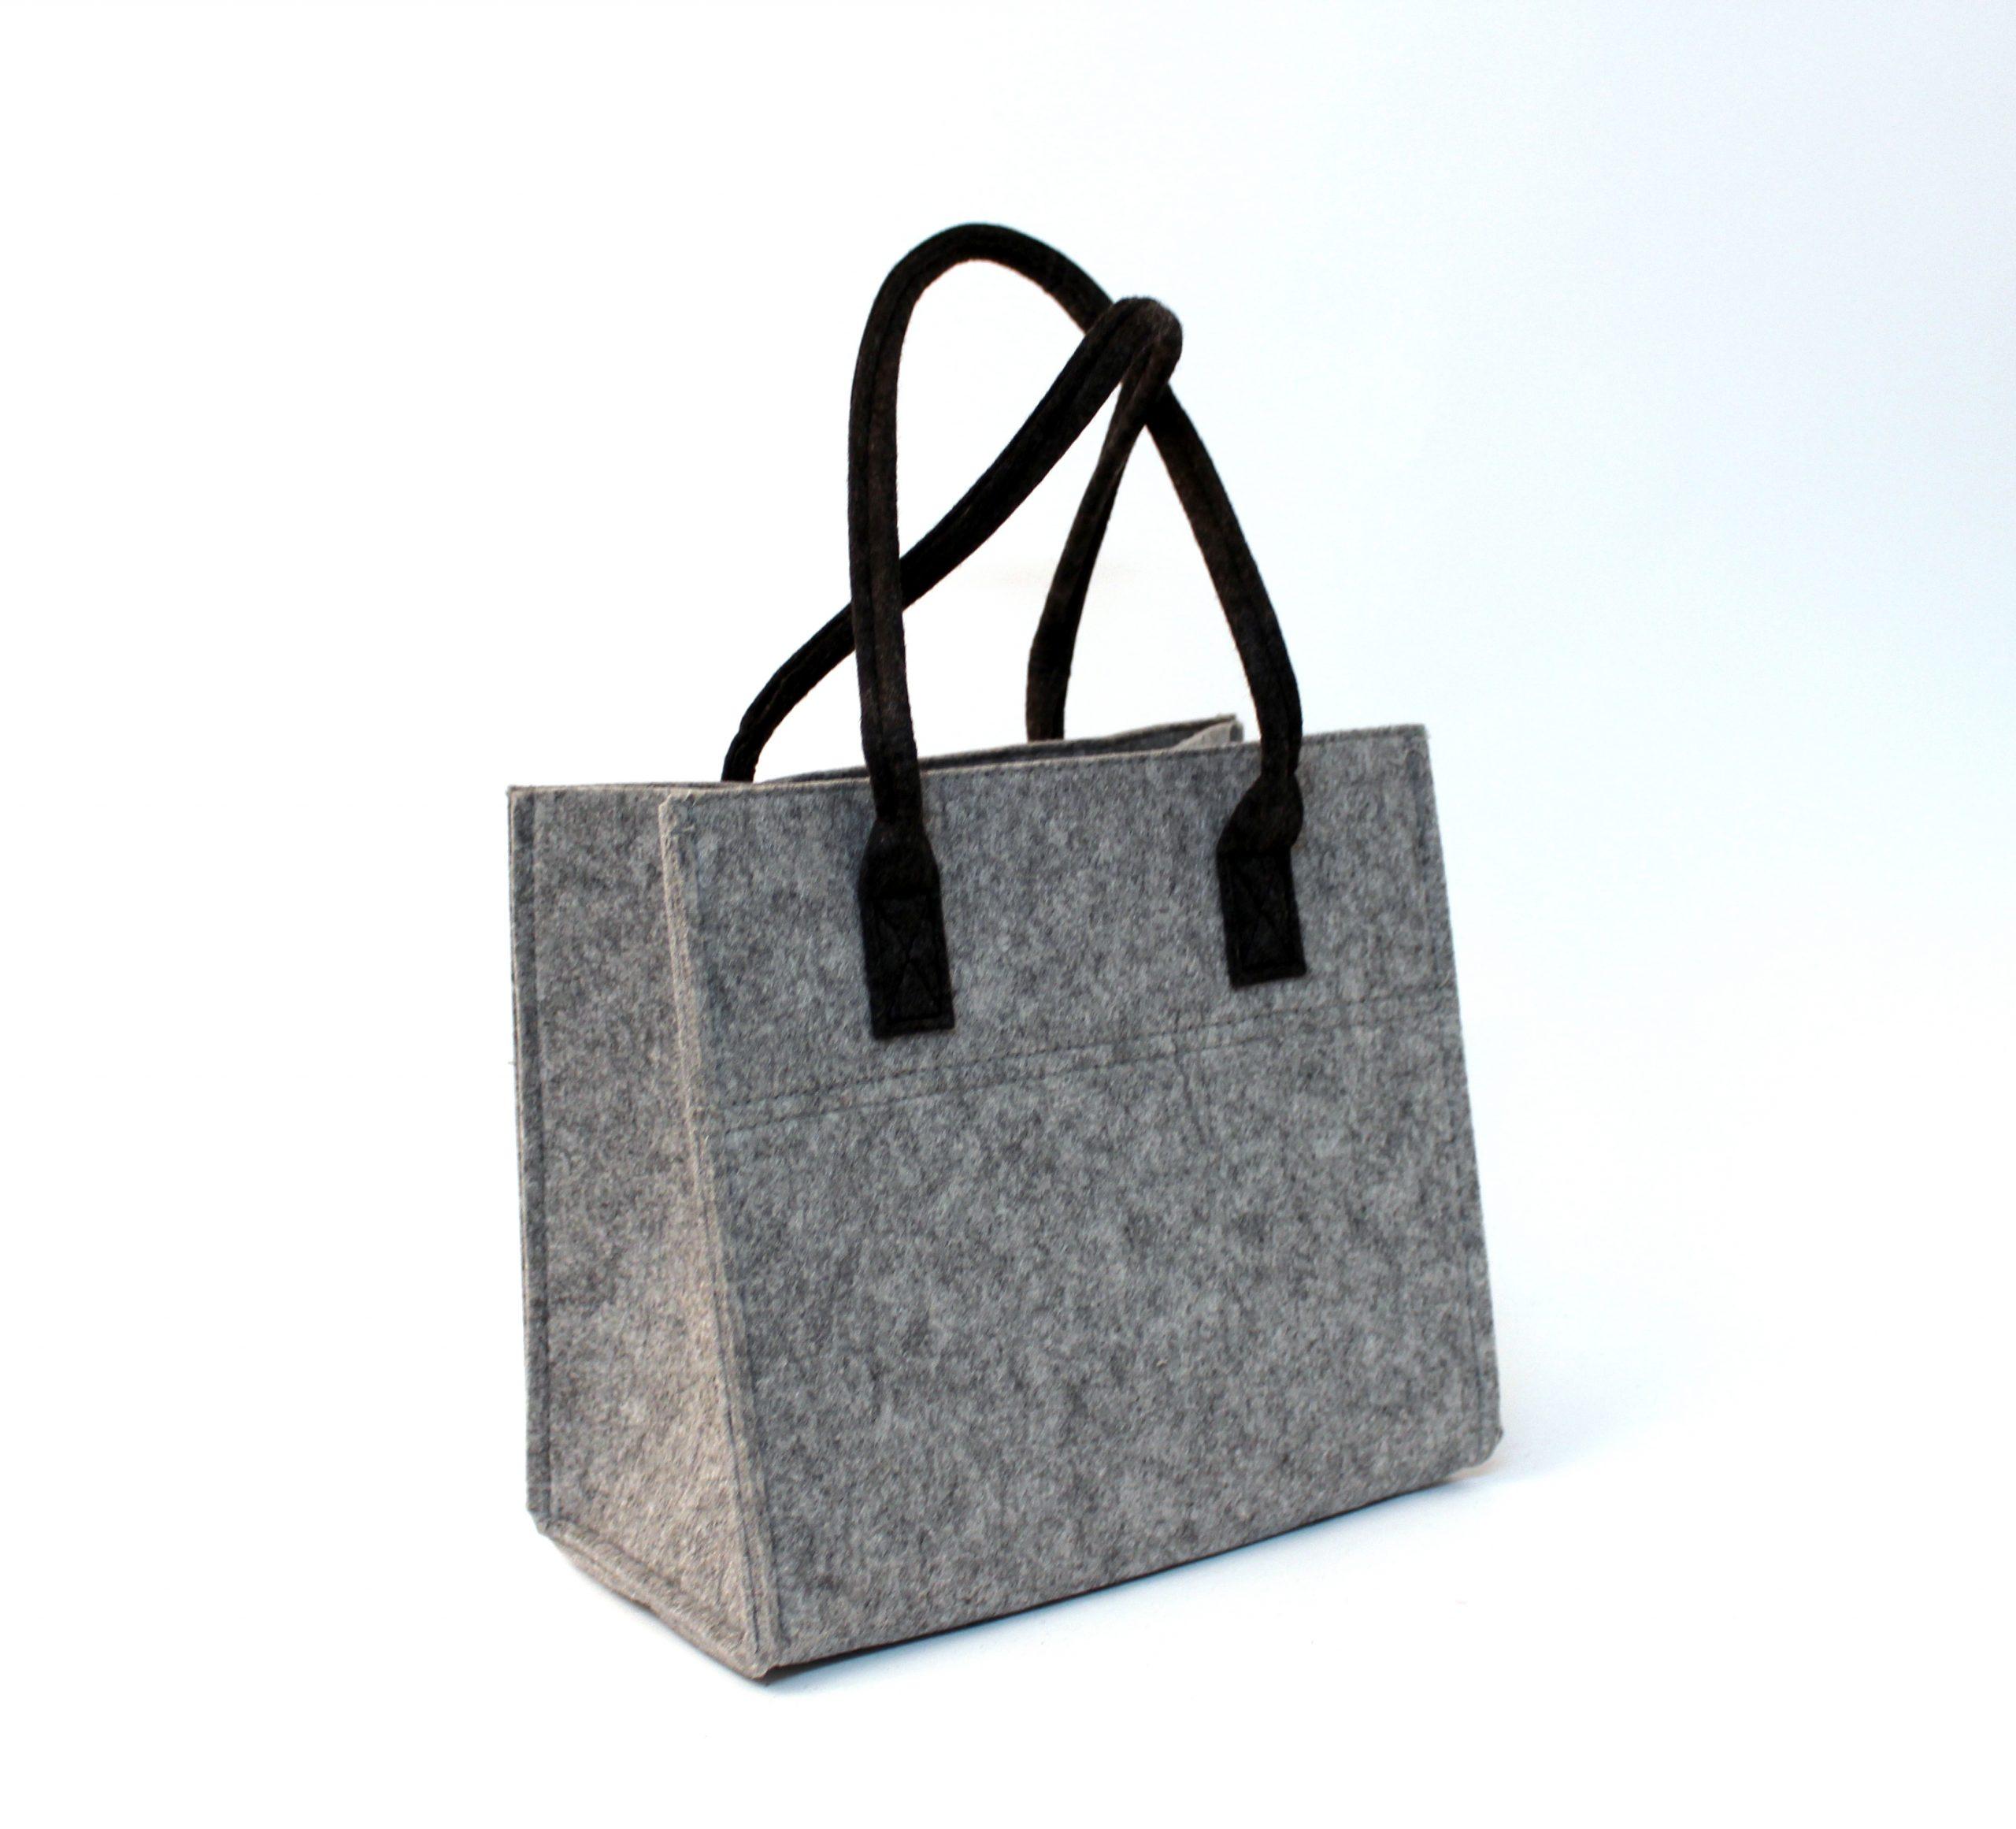 Graue Tasche und schwarze Henkel aus Filz - Handgemachte individualisierbare Taschen, Körbe, Tischsets, Dekoartikel und mehr auf fideko.de der Onlineshop seit 2011